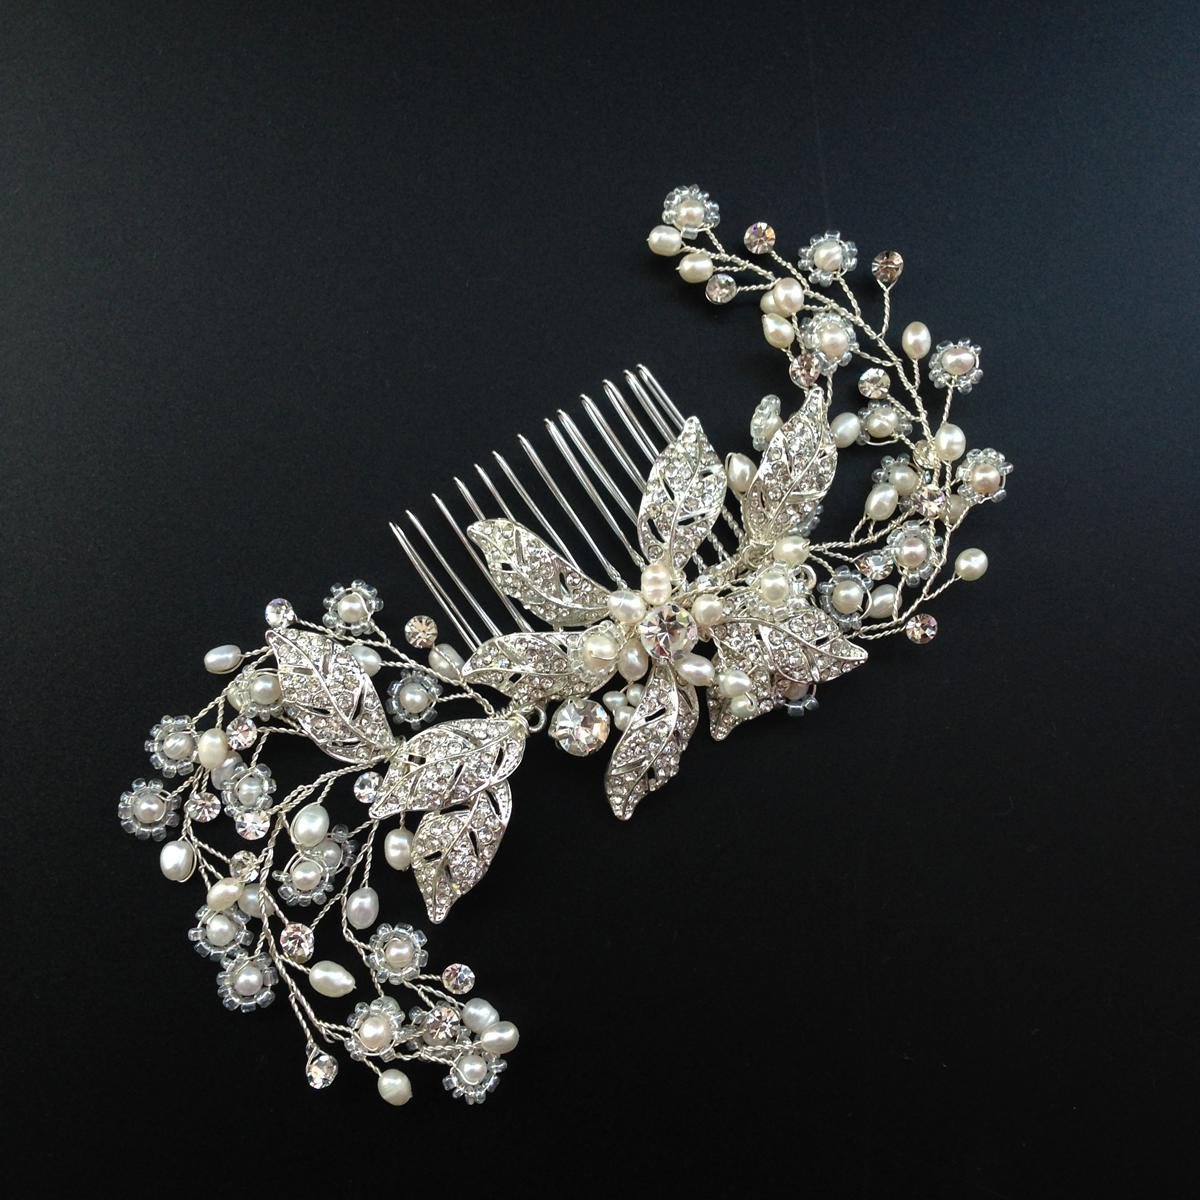 crystal bridal hair comb silver rhinestone flower wedding